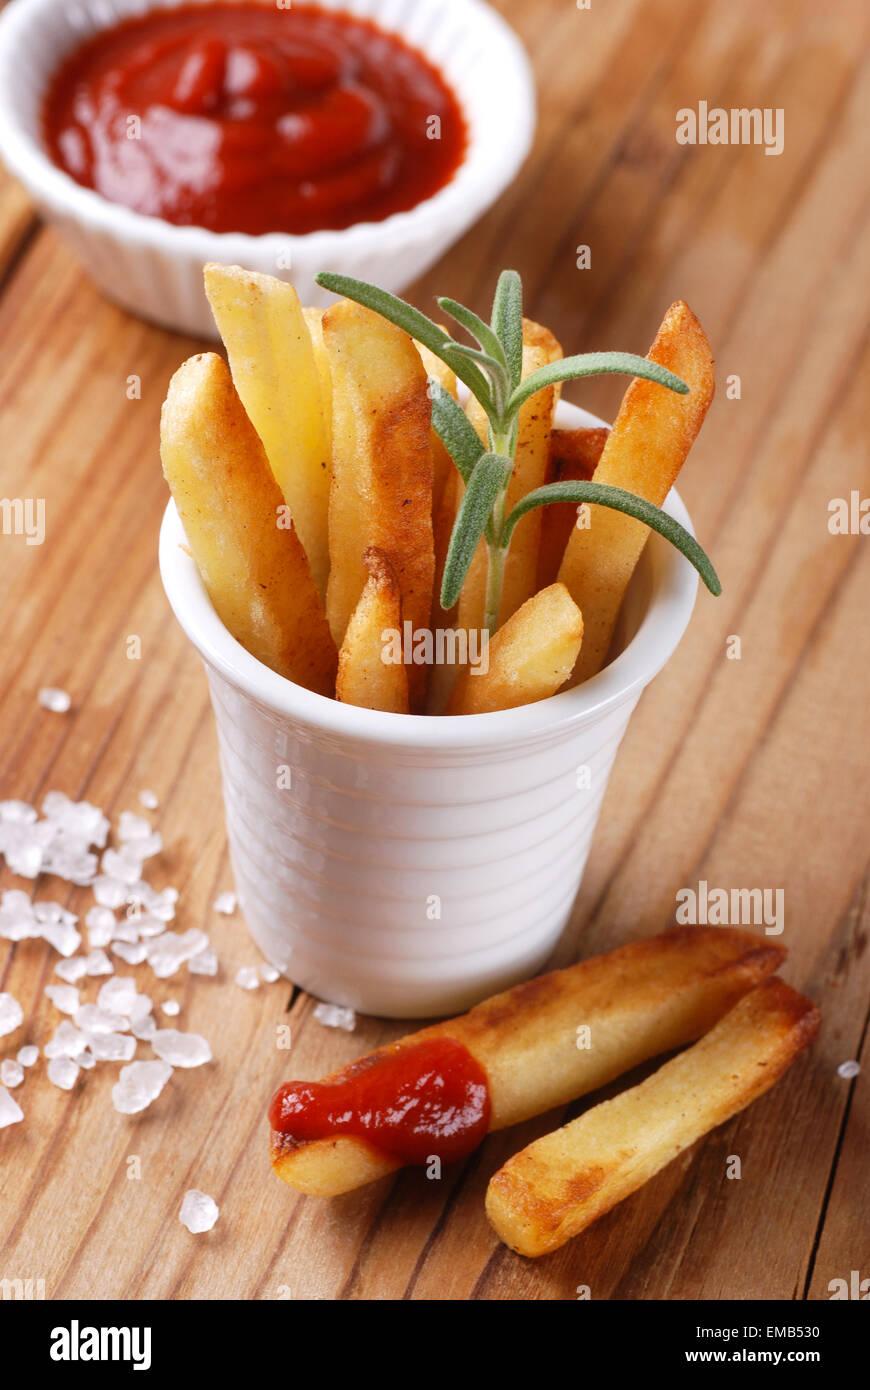 Portion de frites avec du ketchup Photo Stock